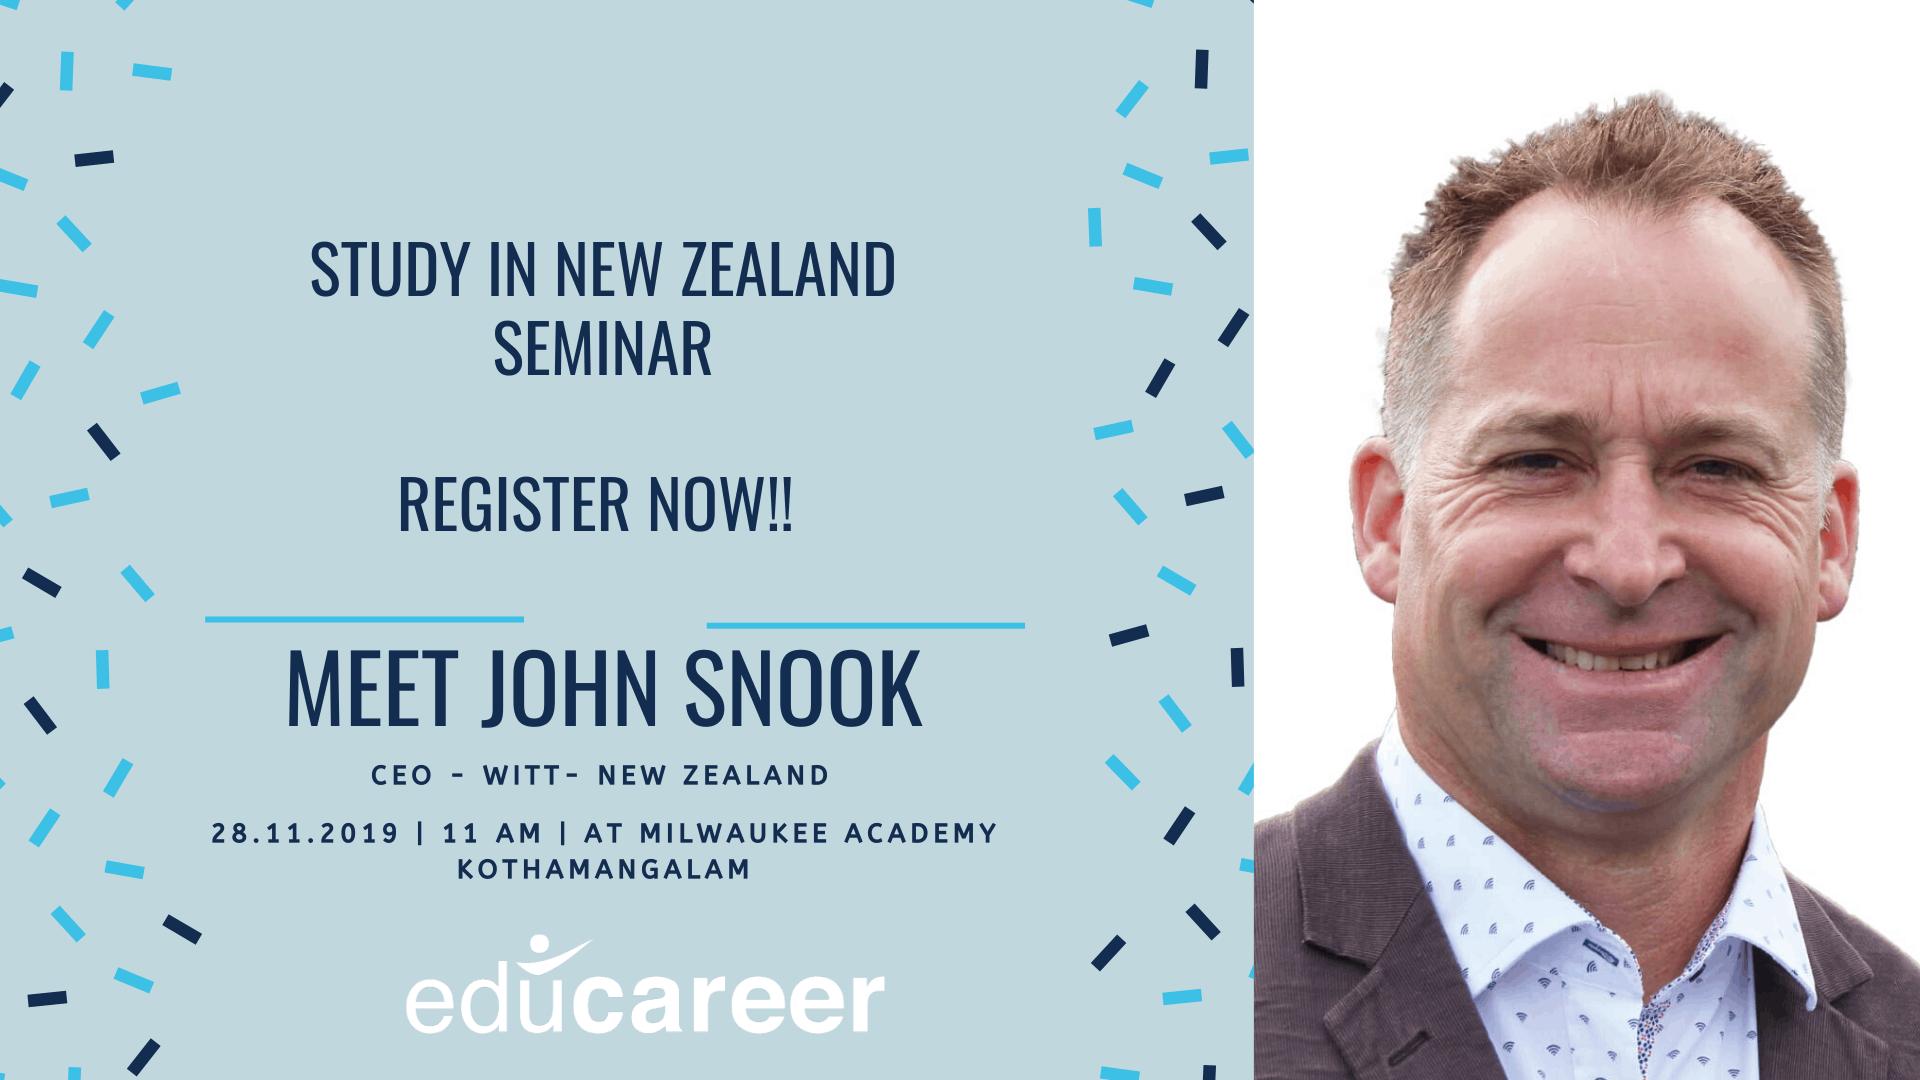 Seminar in Kothamangalam – John Snook, CEO – WITT New Zealand